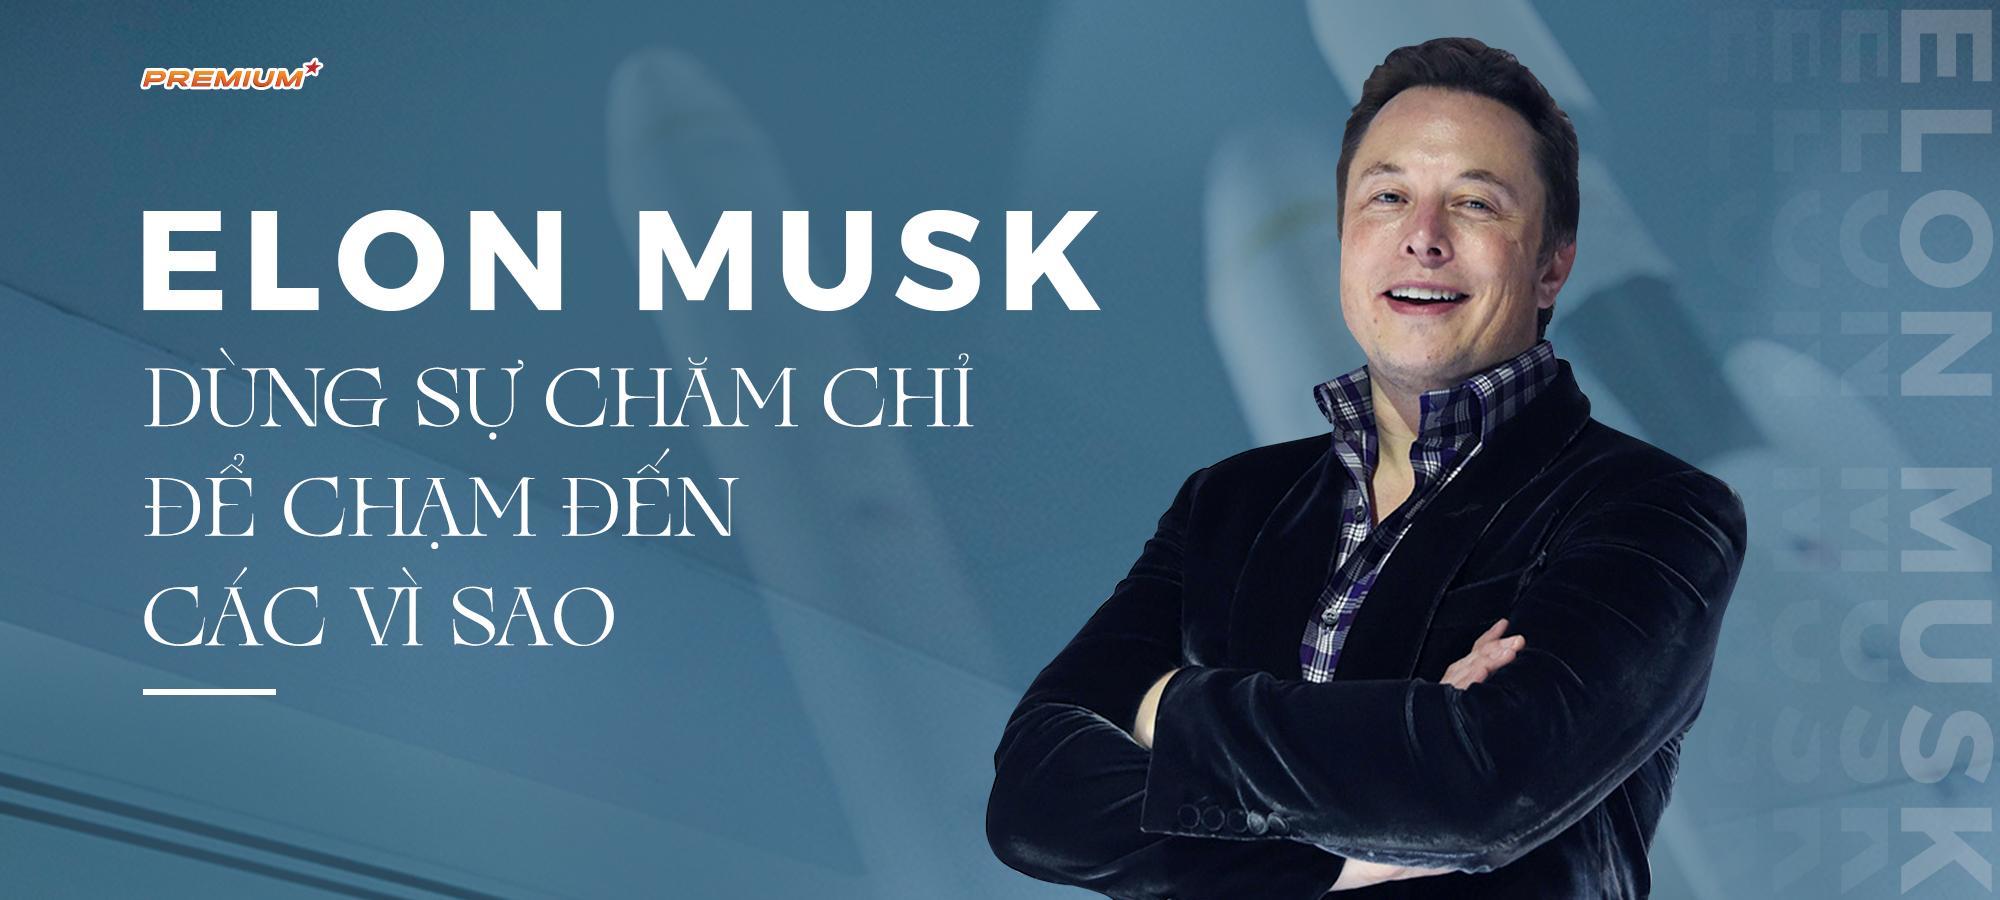 Elon Musk dùng sự chăm chỉ để chạm đến các vì sao